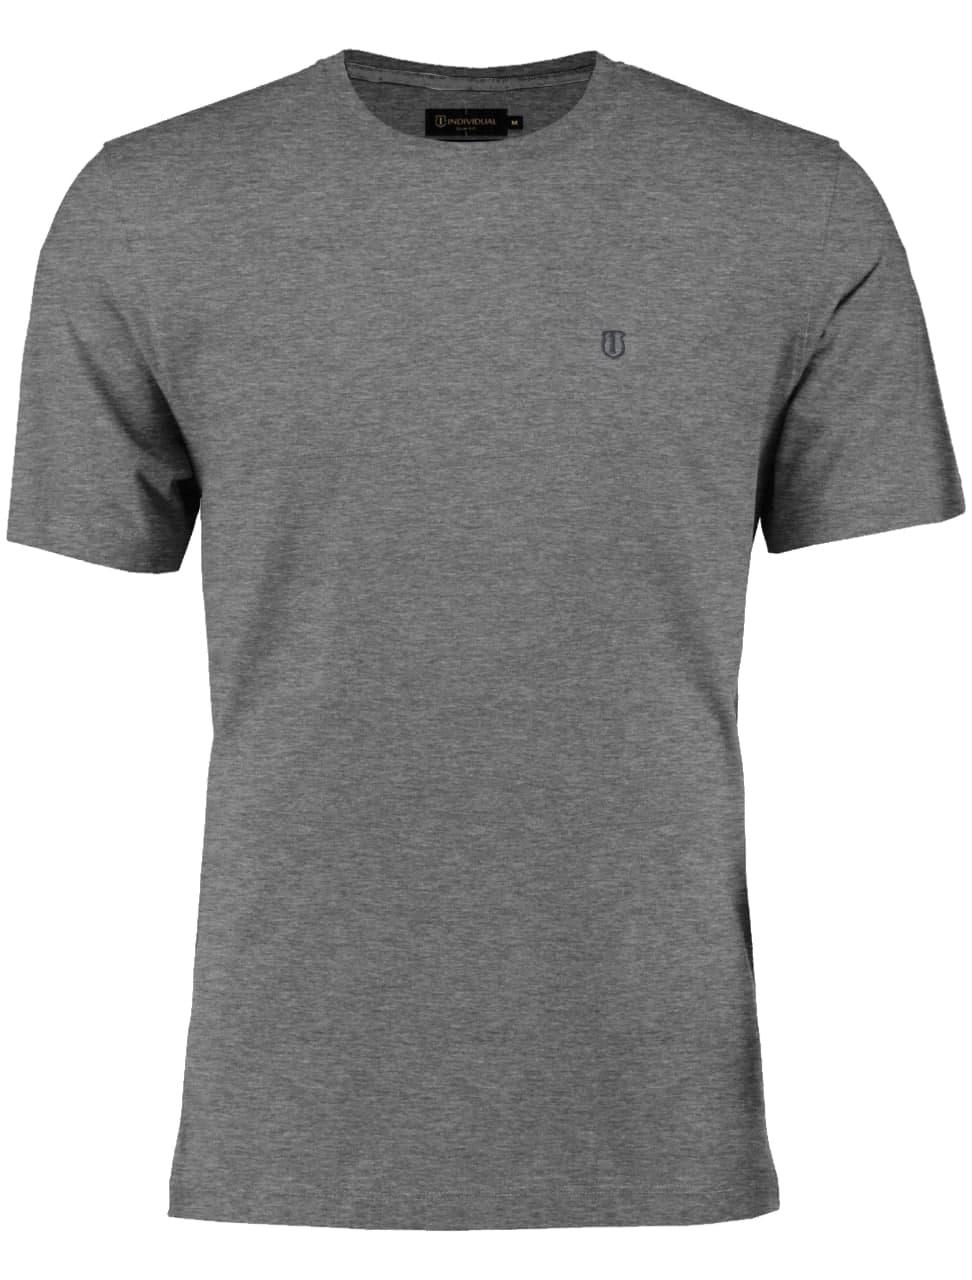 Camiseta Individual Manga Curta Pima Gola Careca Slim